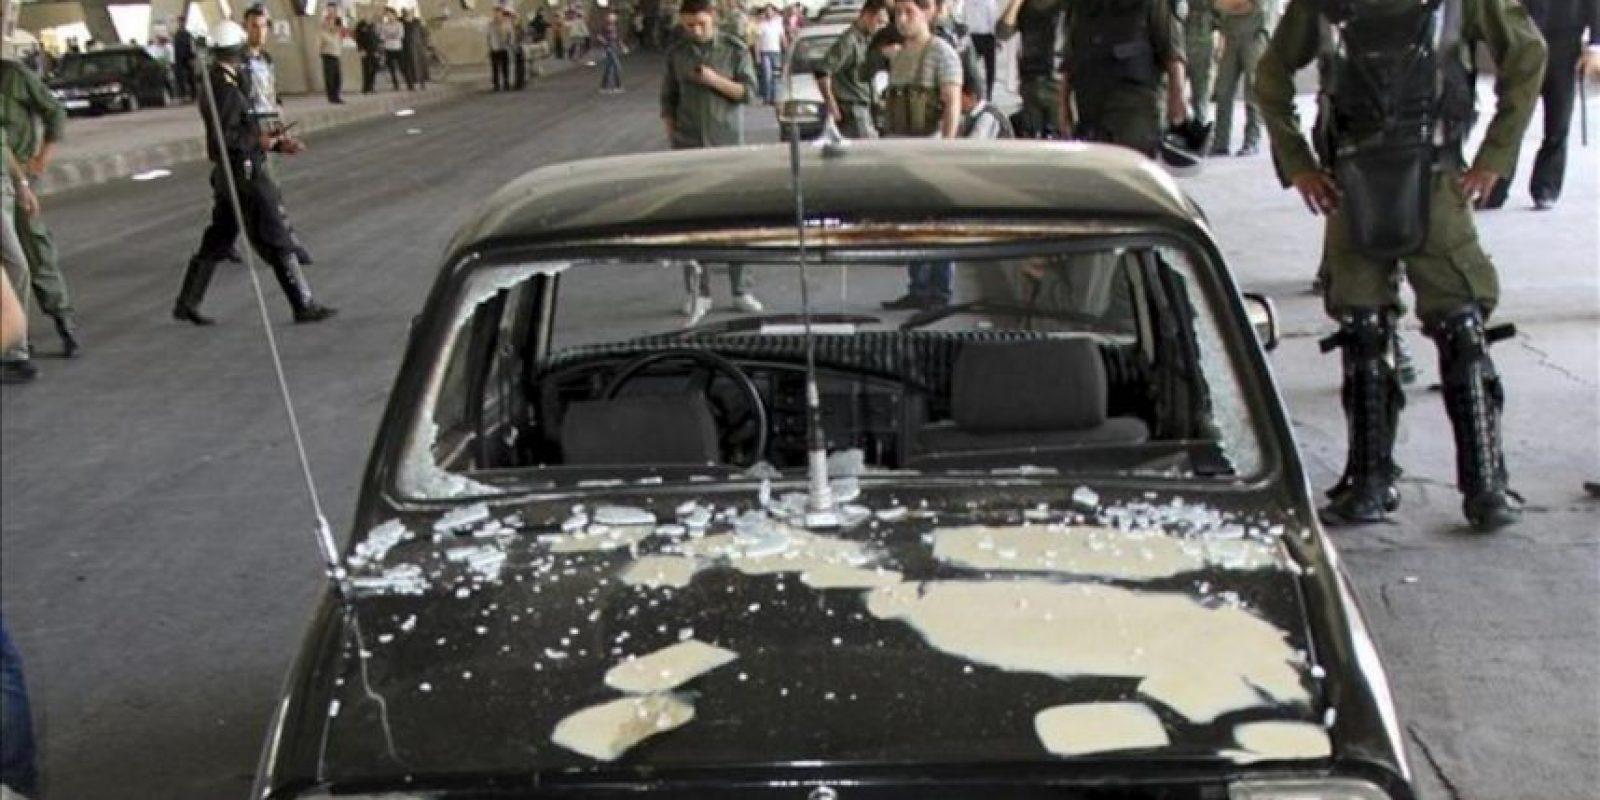 Policías sirios aseguran la zona donde ha explotado una bomba, en el barrio de Al Maidan, Damasco, Siria. EFE